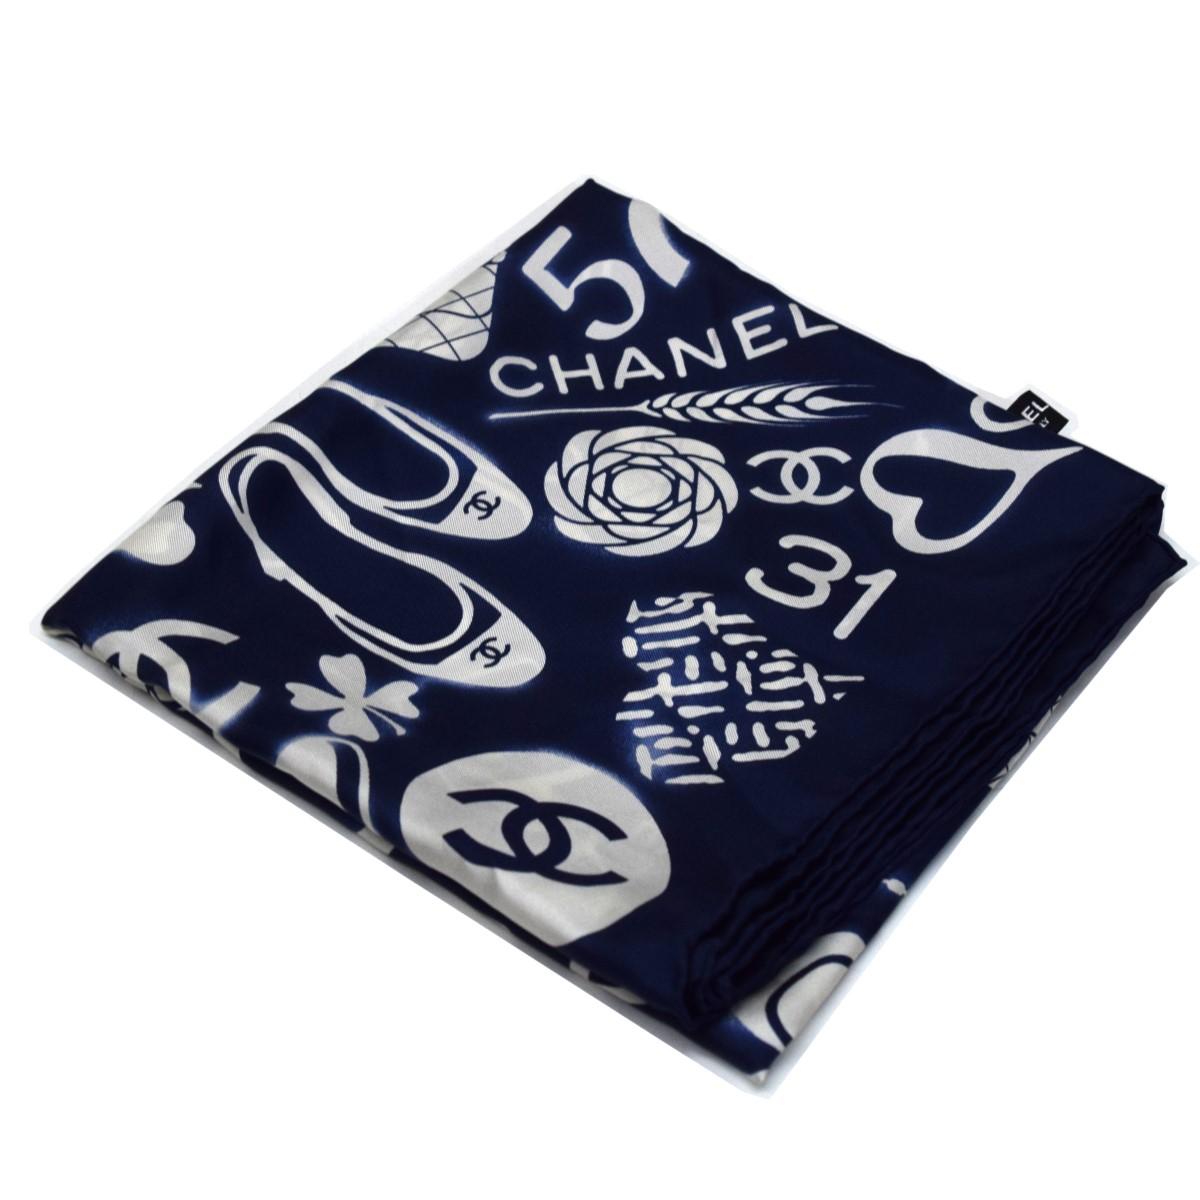 直送商品 タイム シャネル 中古 CHANEL ネイビー 191220 ココマーク総柄スカーフ 正規取扱店